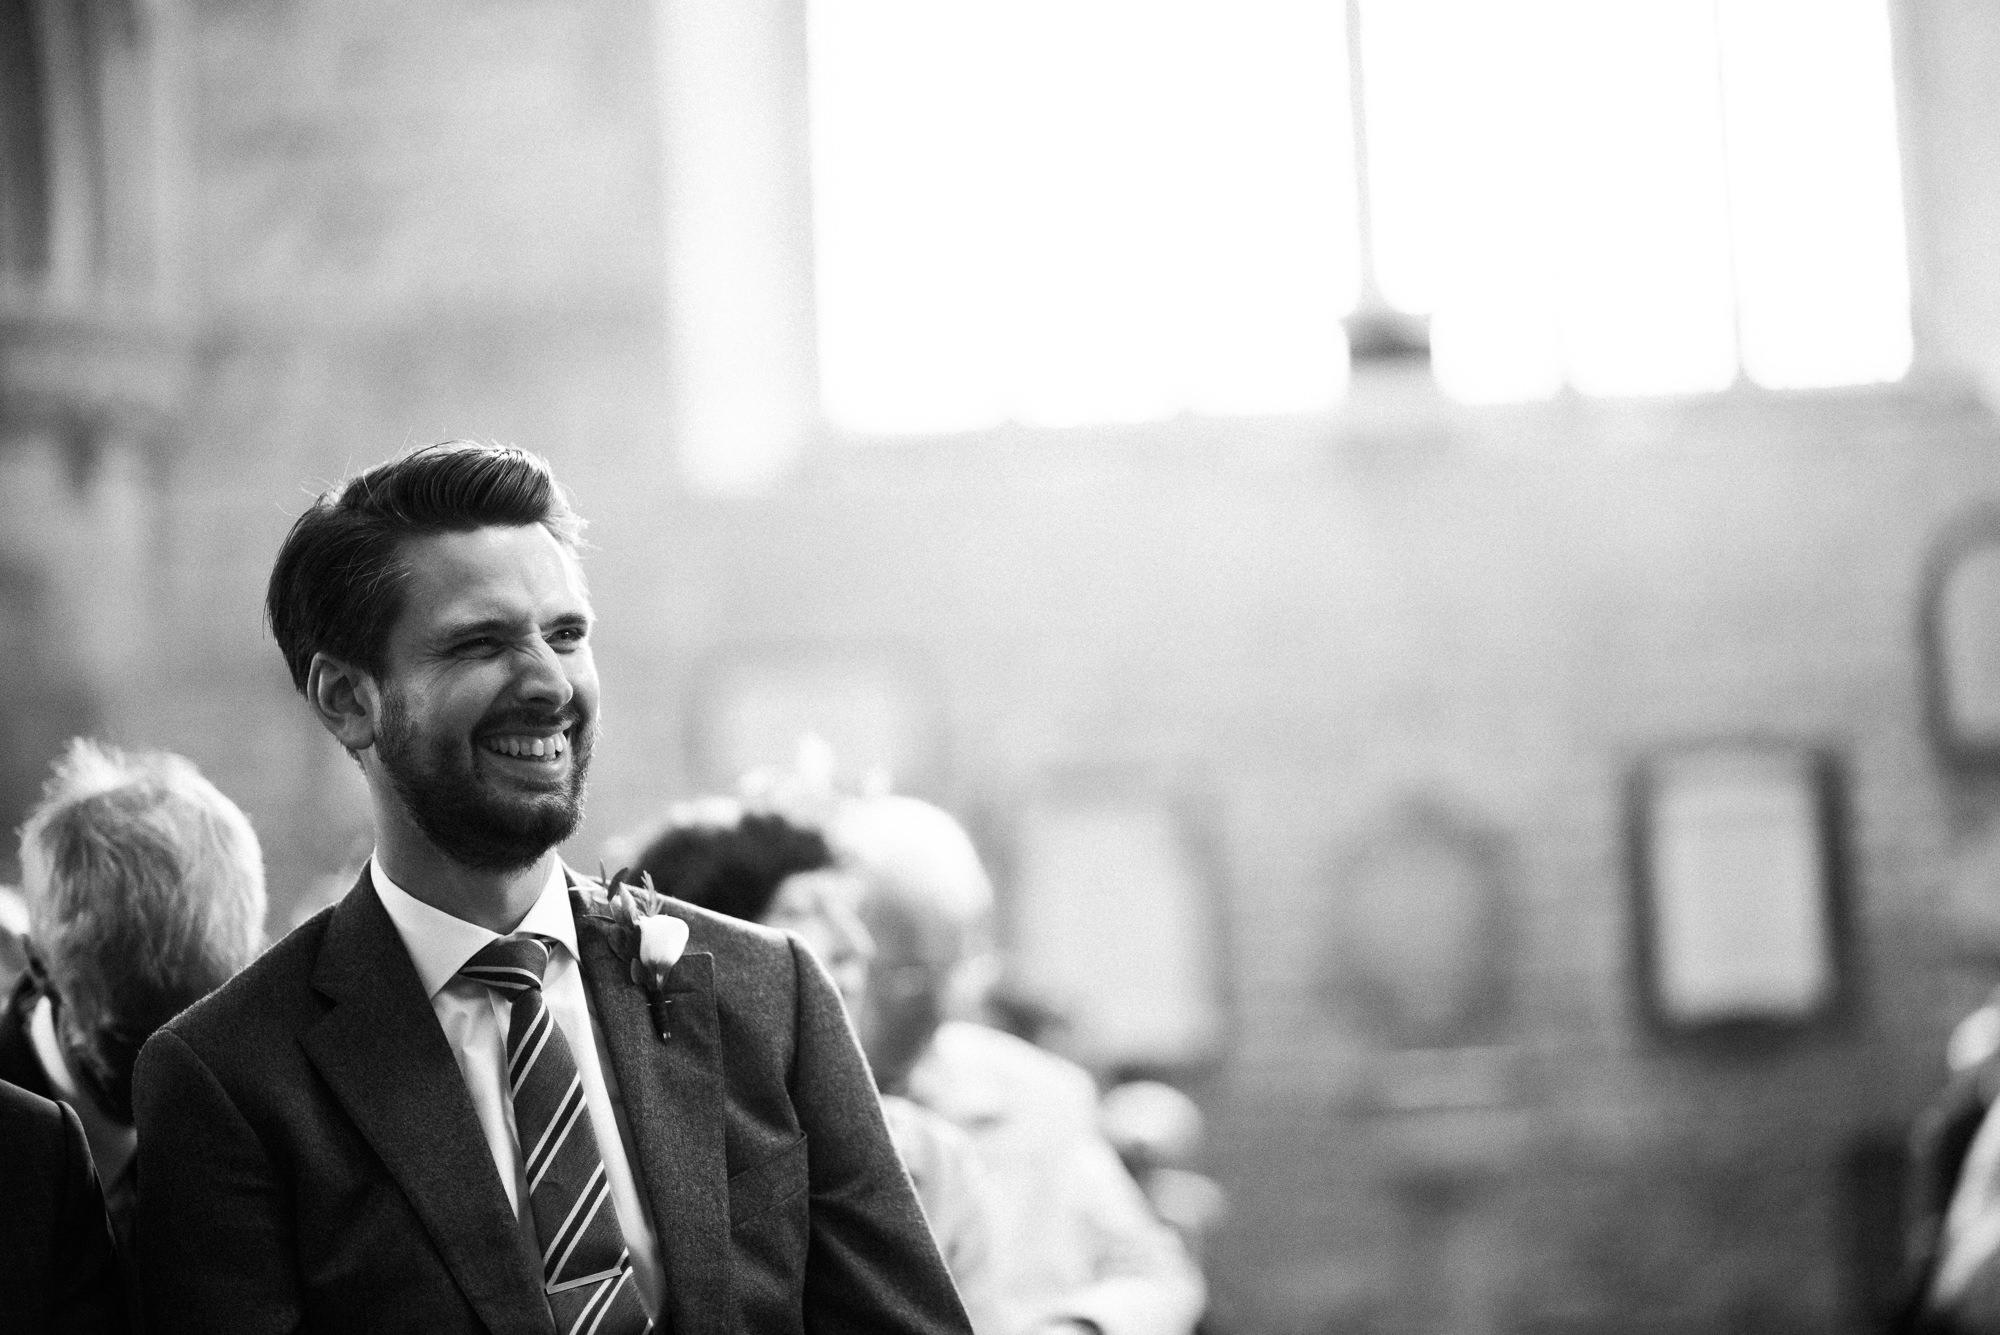 malmsbury-abbey-wedding-31